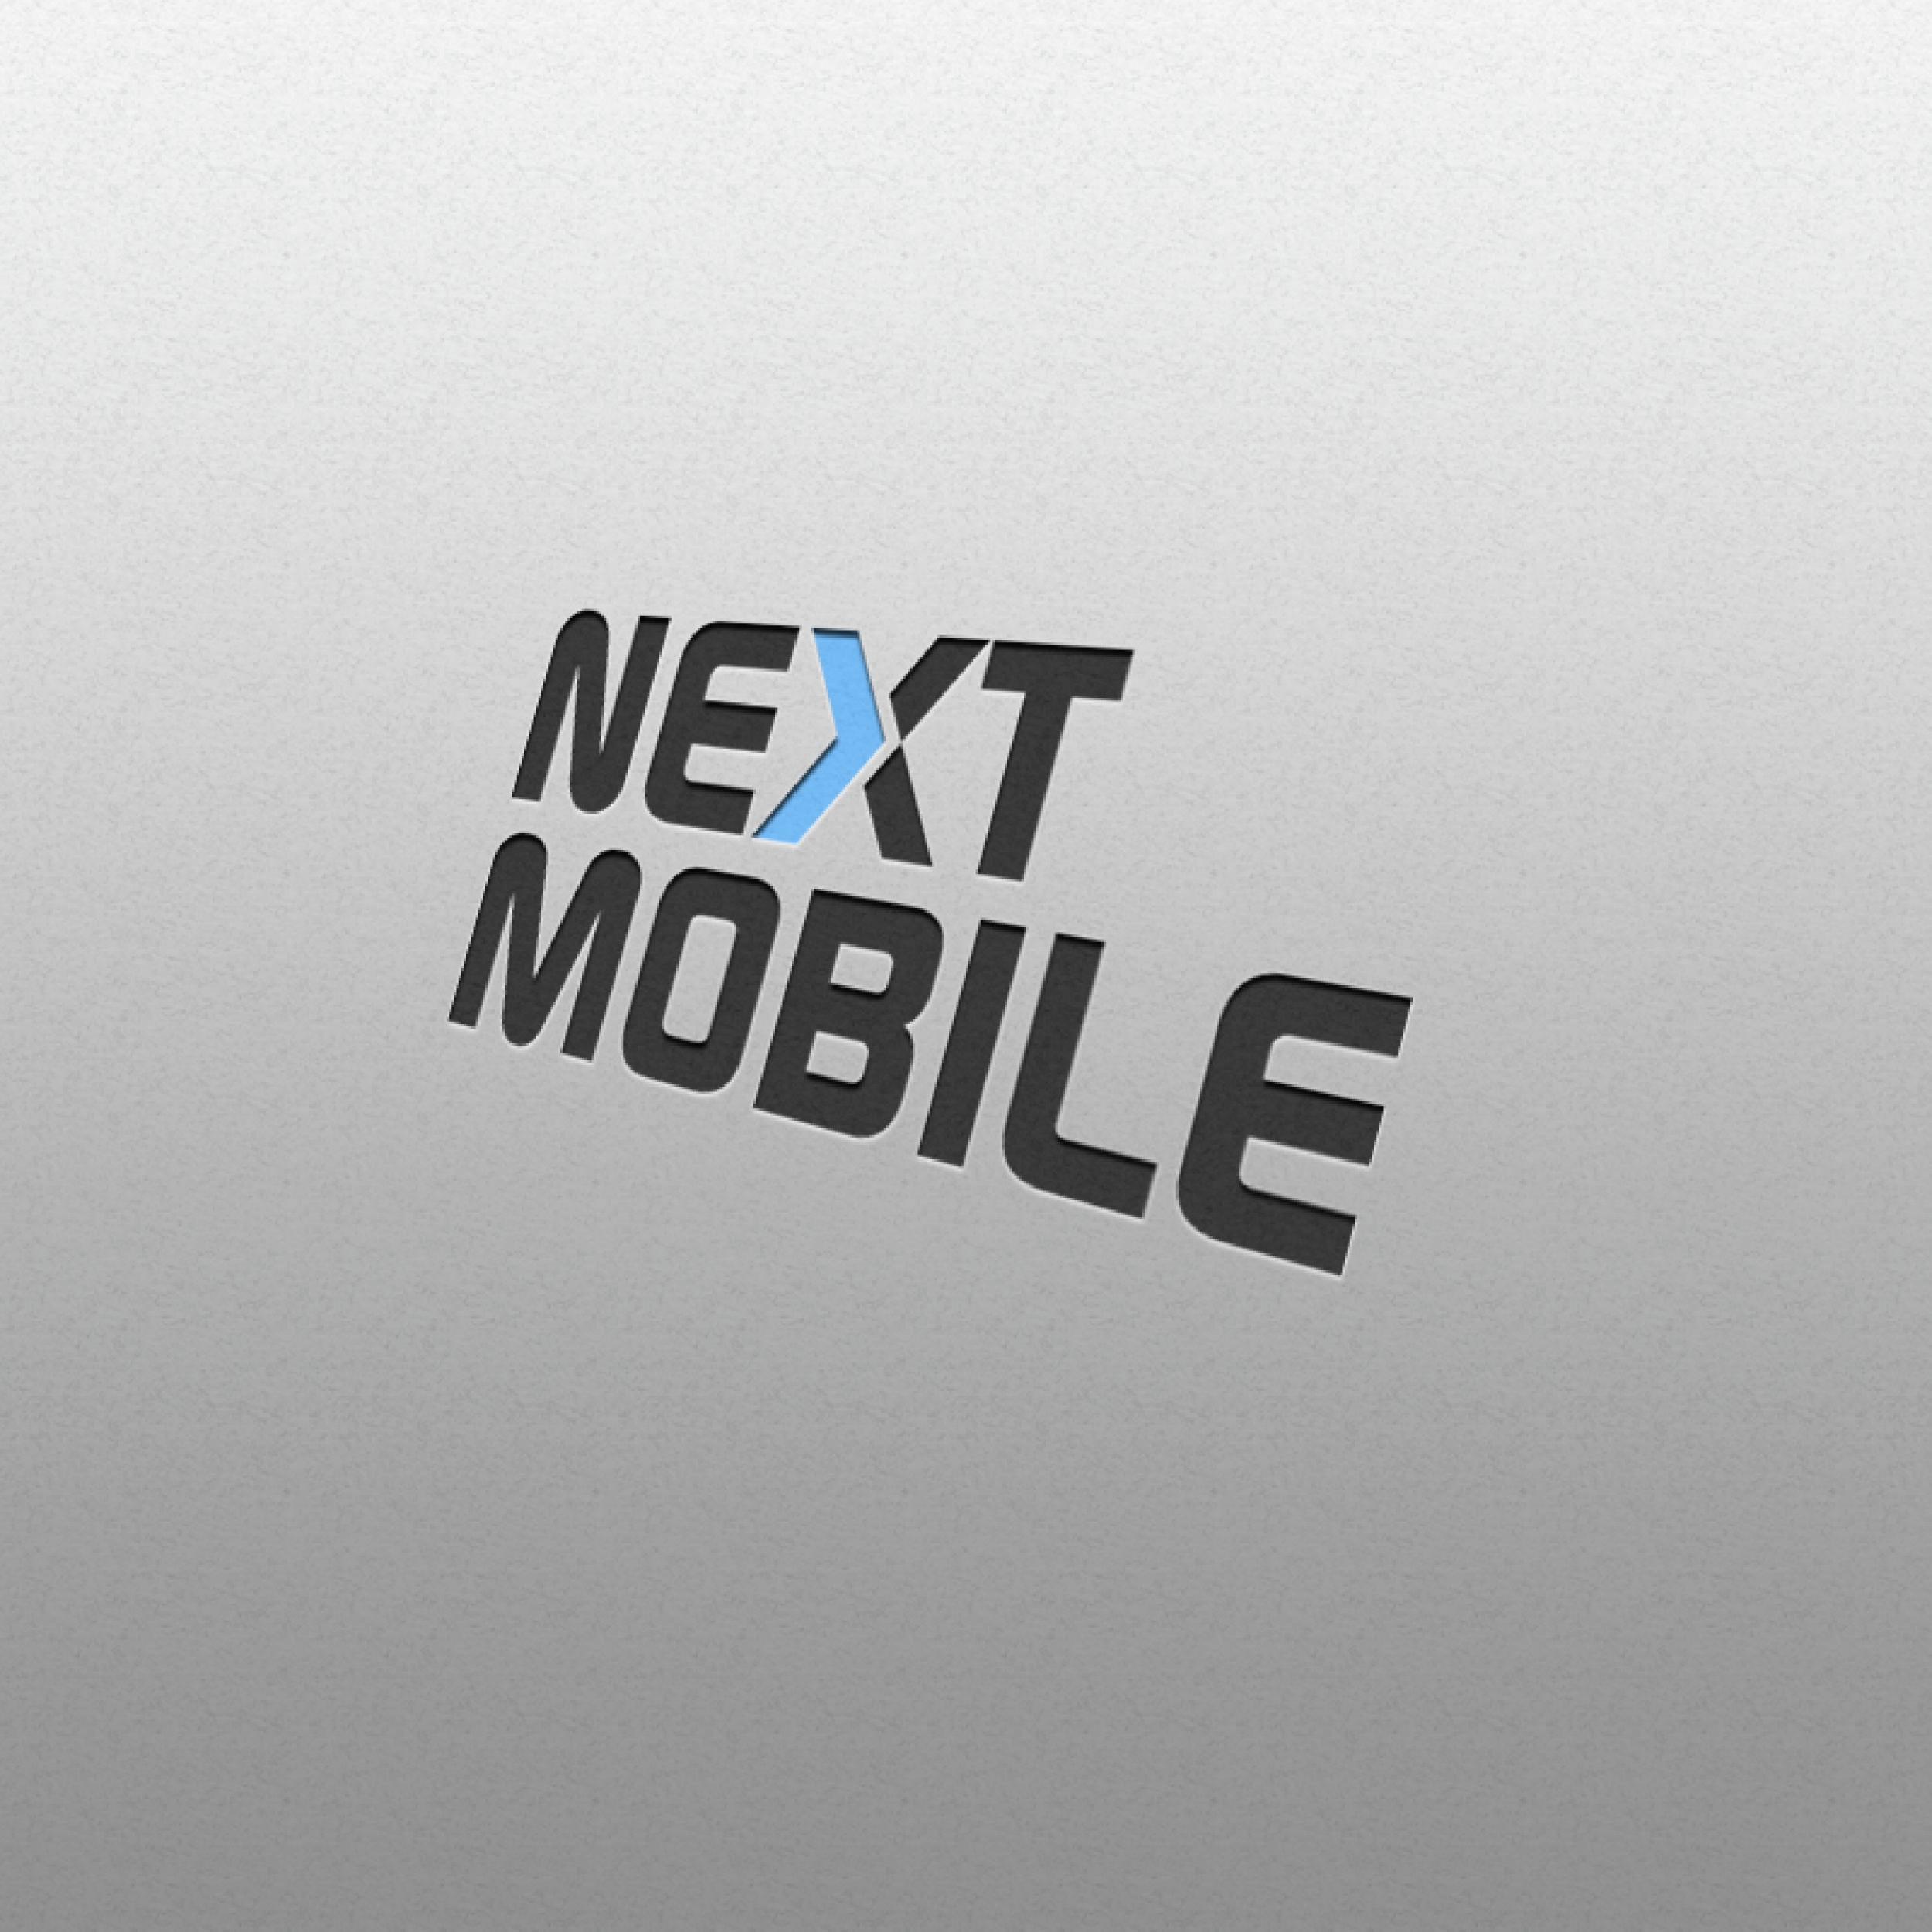 로고 + 명함 | 넥스트모바일 주식회사 | 라우드소싱 포트폴리오